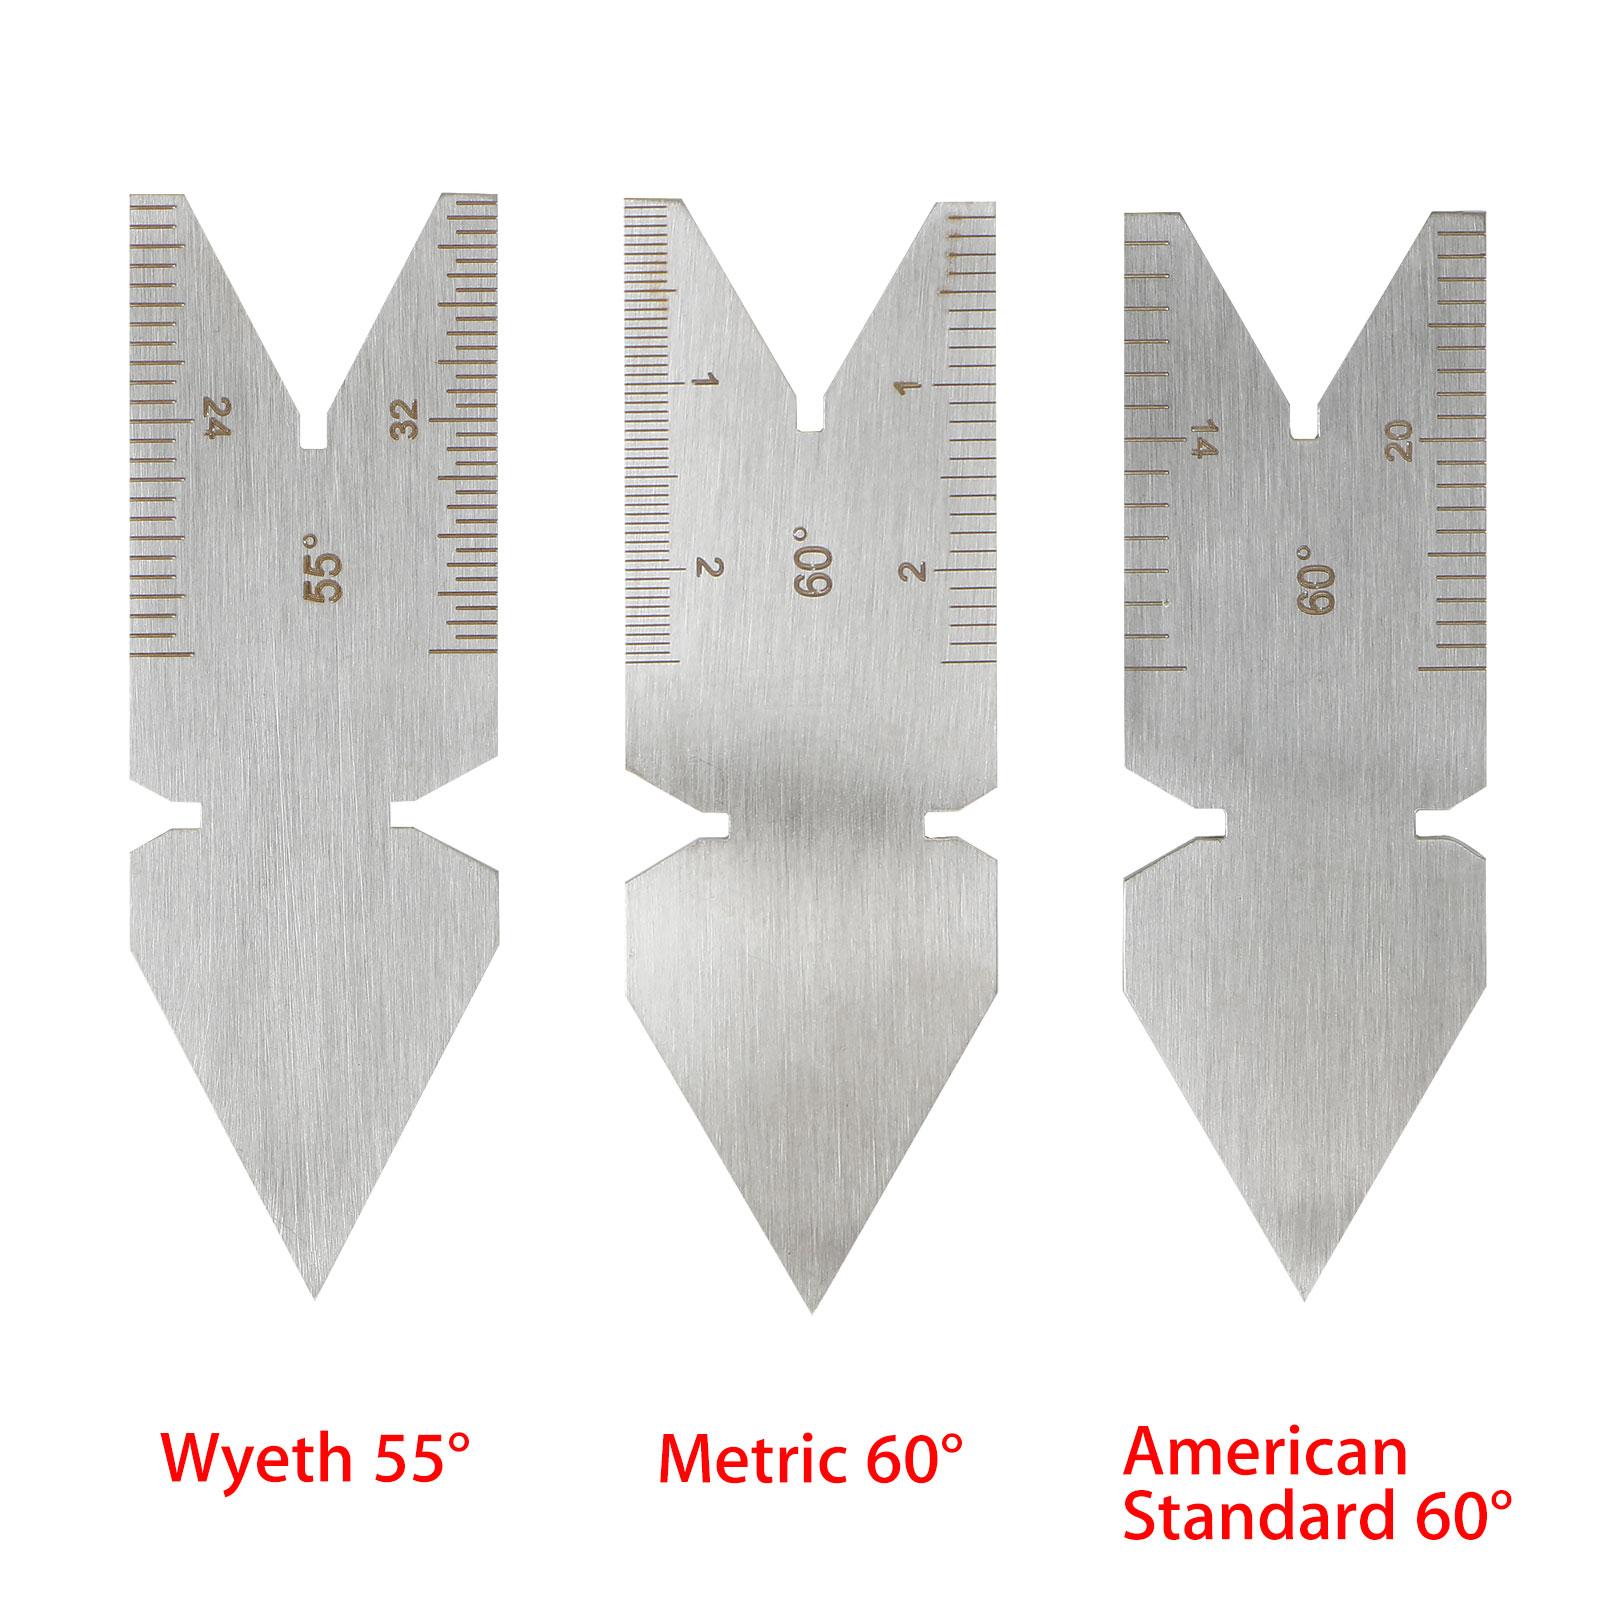 Silver Screw Thread Pitch Cutting Gauge Centering 55° Wyeth /& 60° Metric Gauge